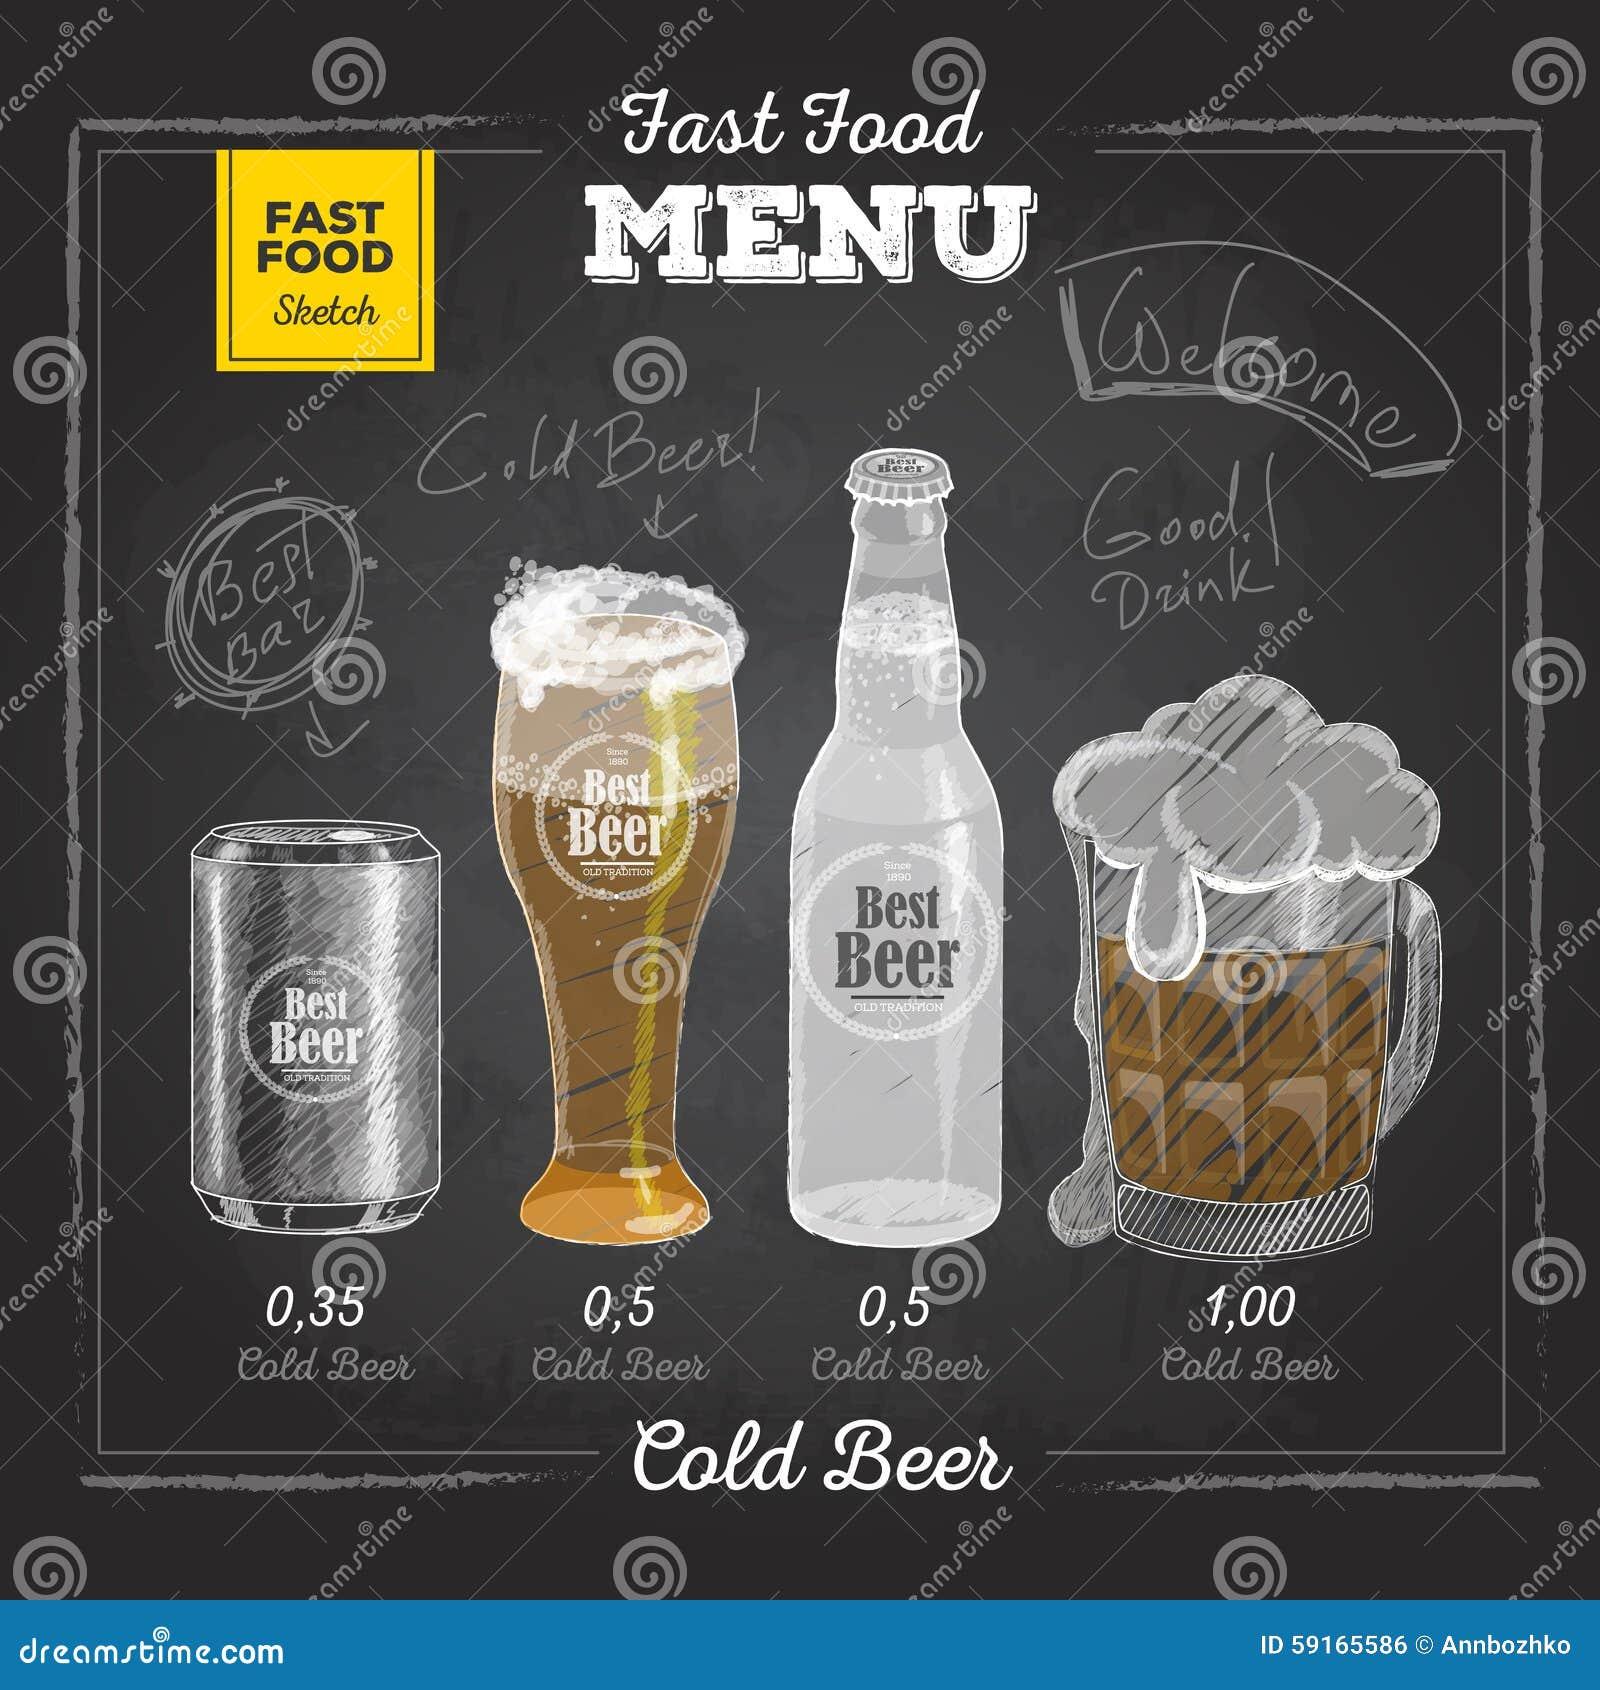 Vintage Chalk Drawing Fast Food Menu Cold Beer Stock